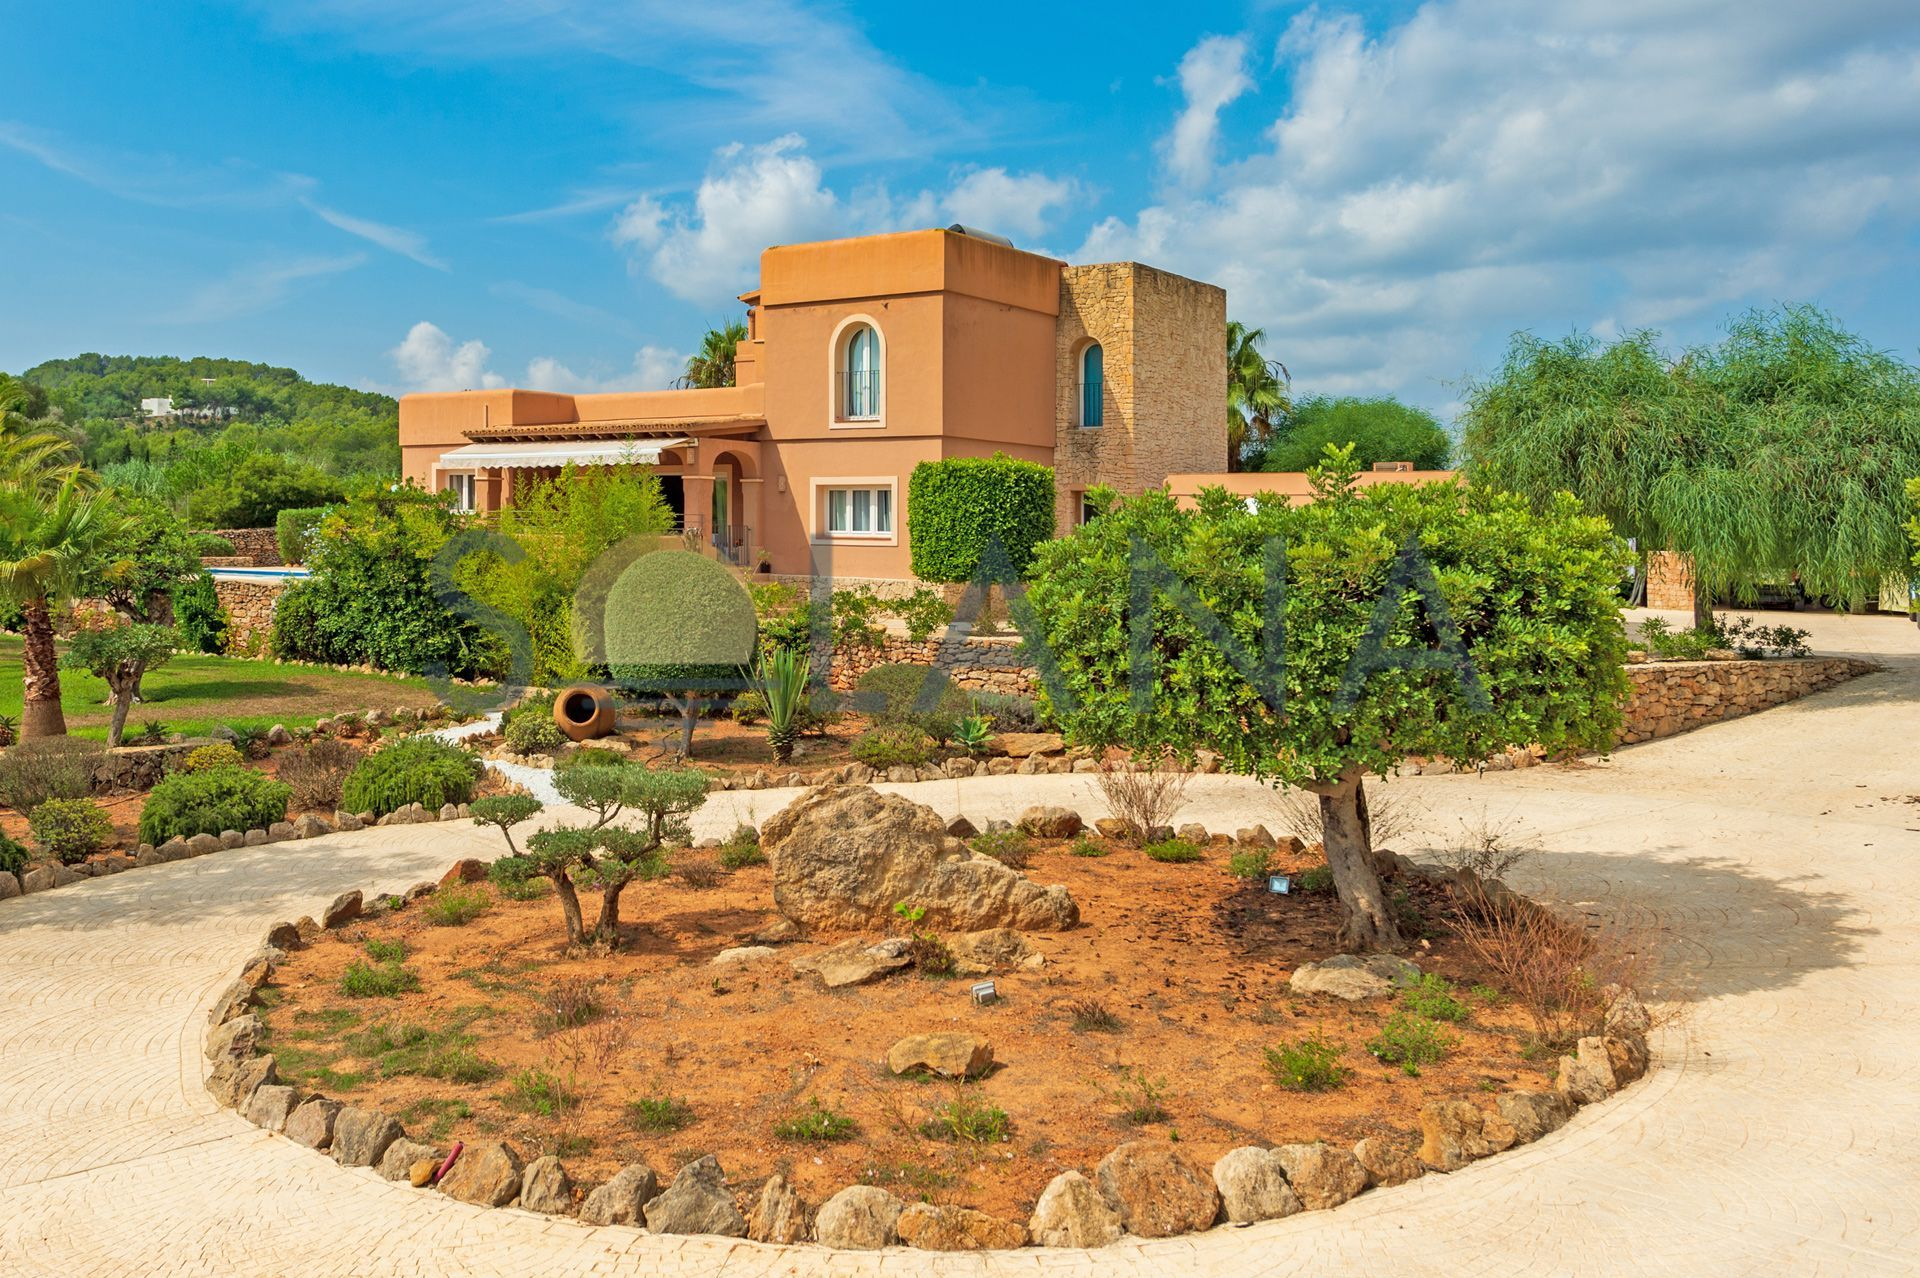 Inmobiliaria Ibiza Ibiza Real Estate Immobilien Ibiza Immobilier Ibiza Ibiza Villas For Sale Ibiza Villa Mediterranean Style